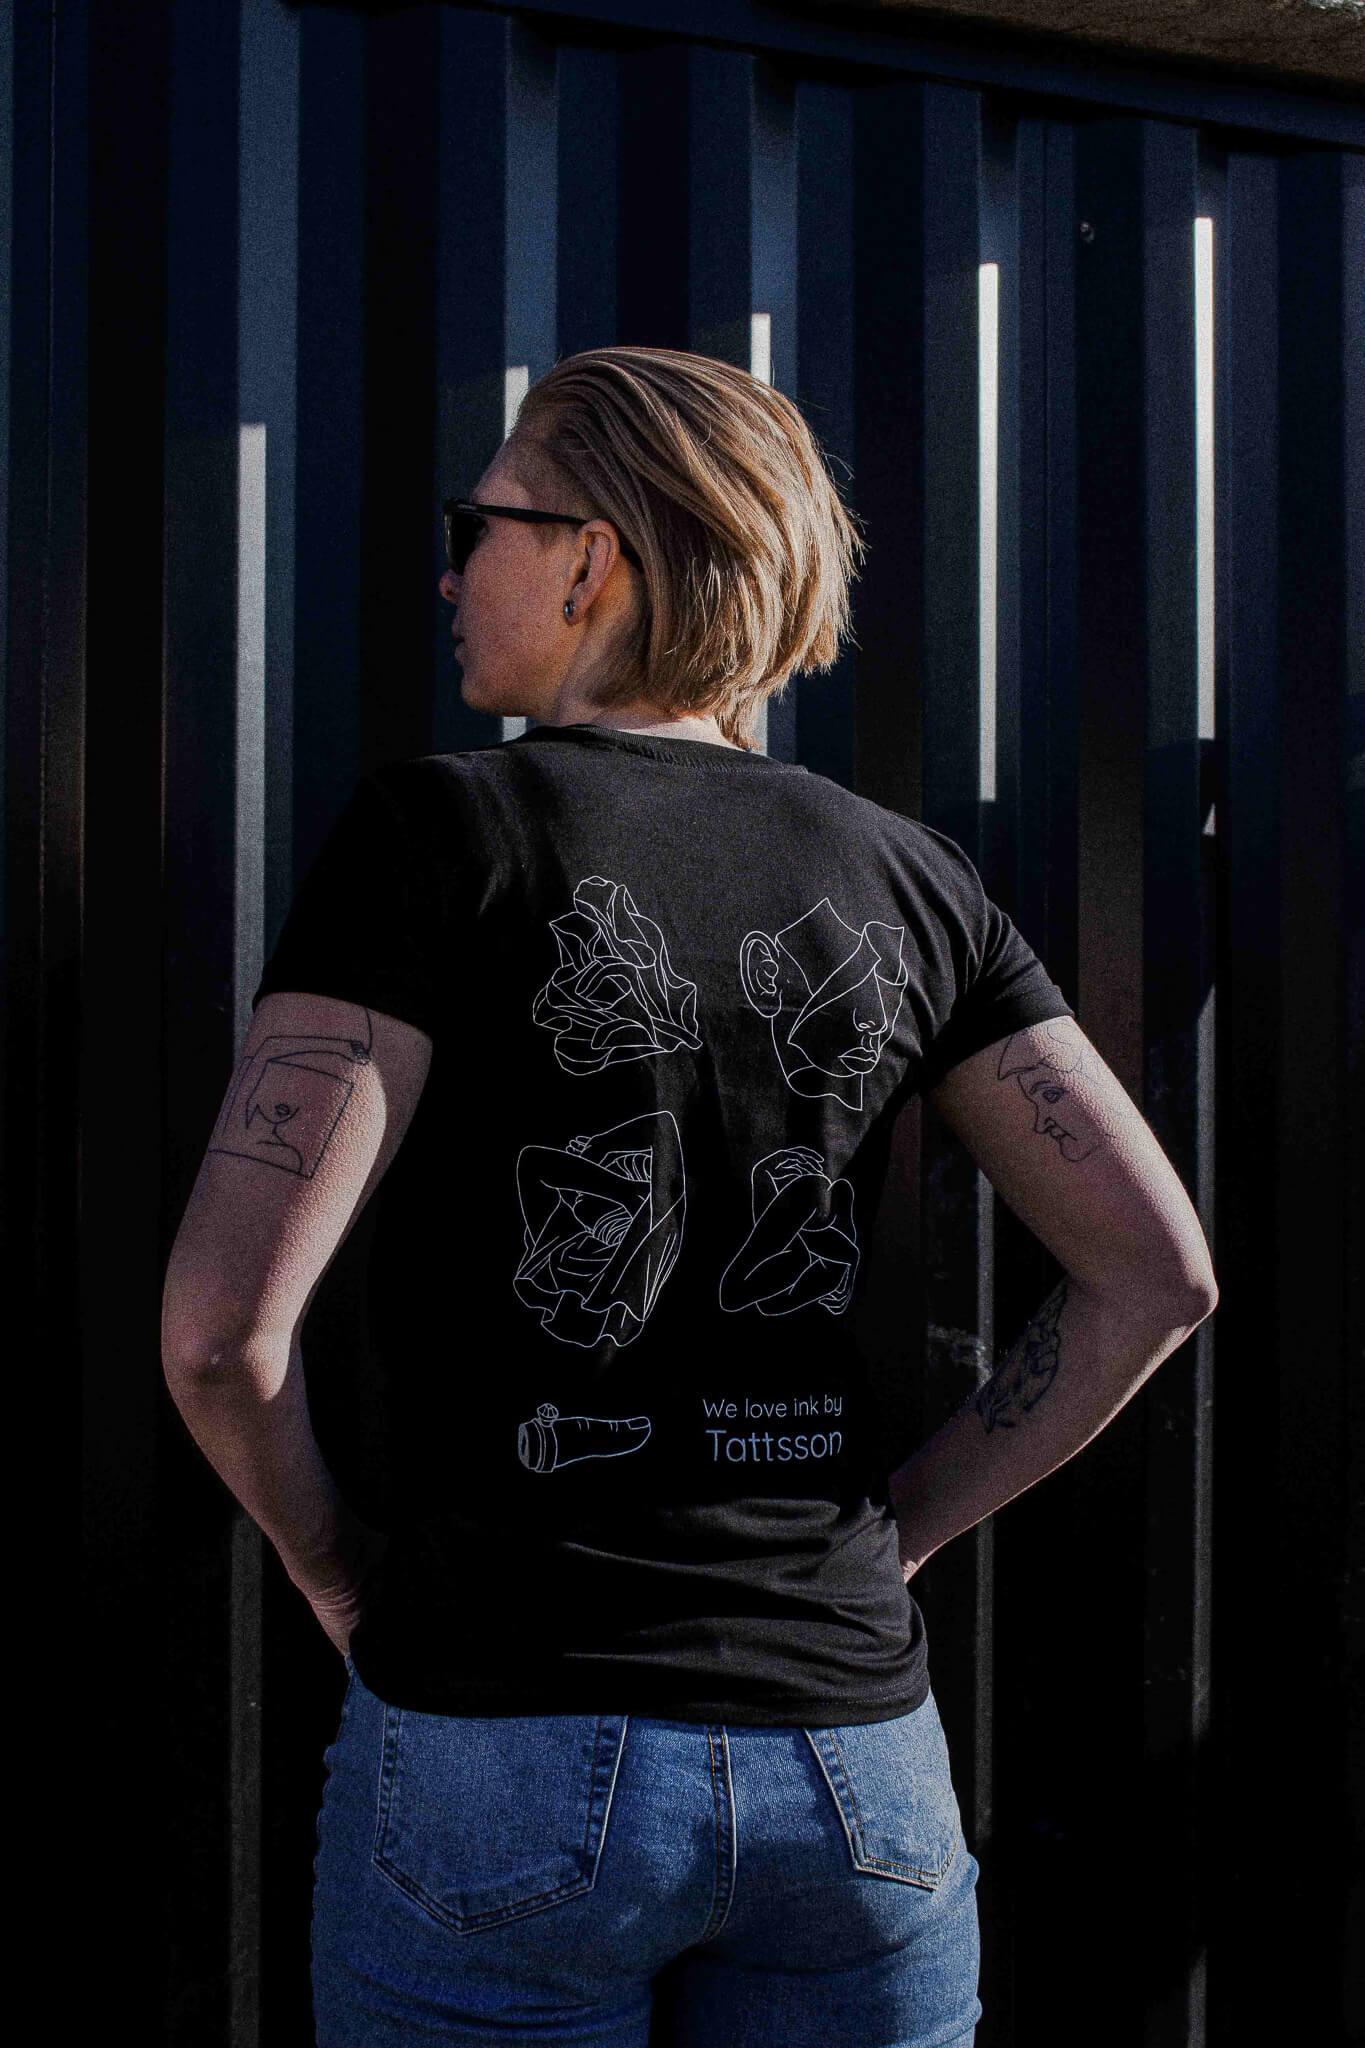 TATTSSON X WINKT collab.<br/>T-Shirt, black.